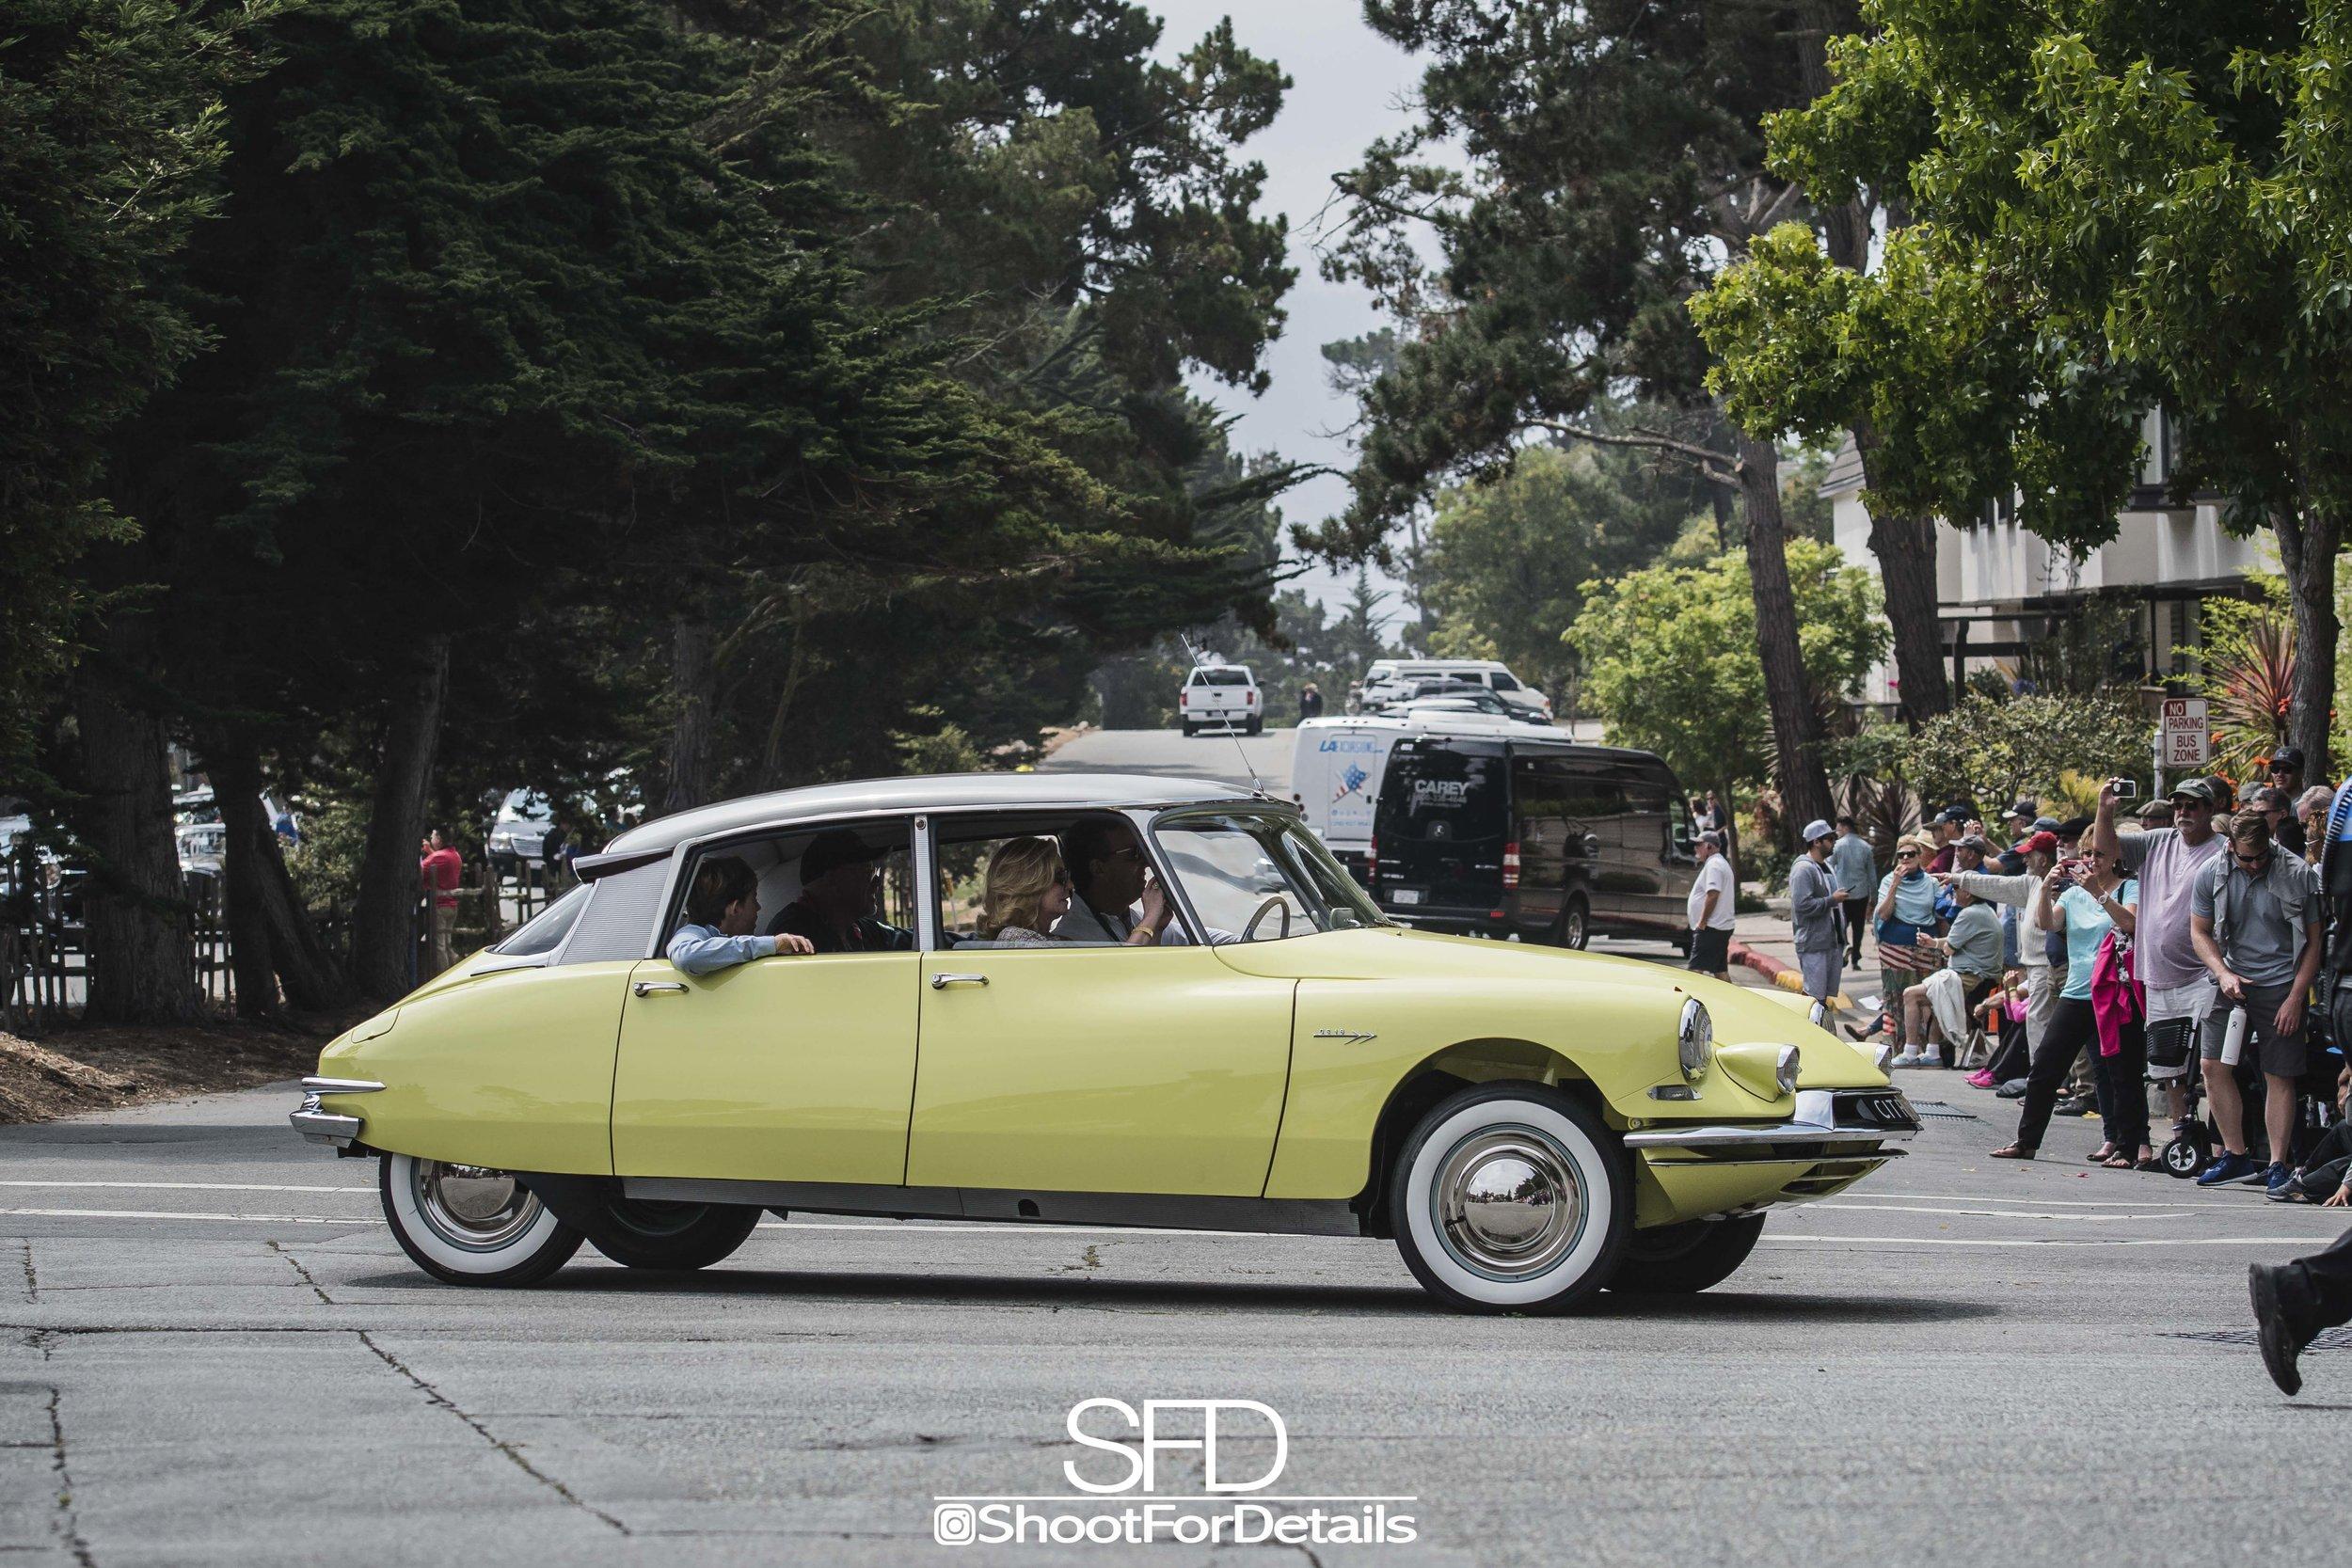 SFD_3572-1.jpg